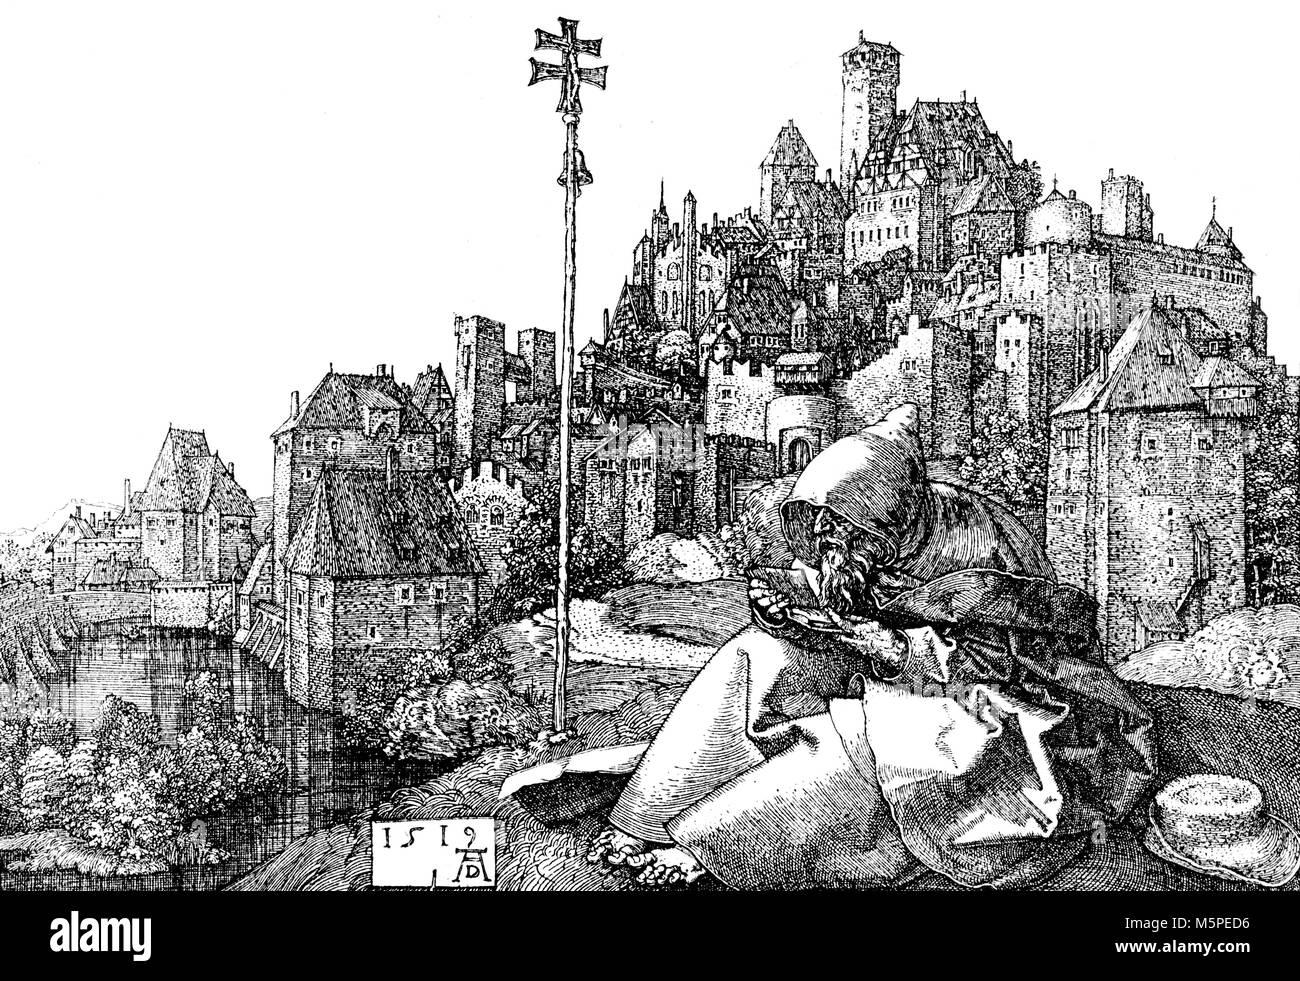 St. Antonius der Einsiedler, im Hintergrund einer mittelalterlichen deutschen Stadt Landschaft. Wiedergabe von einem Stockbild